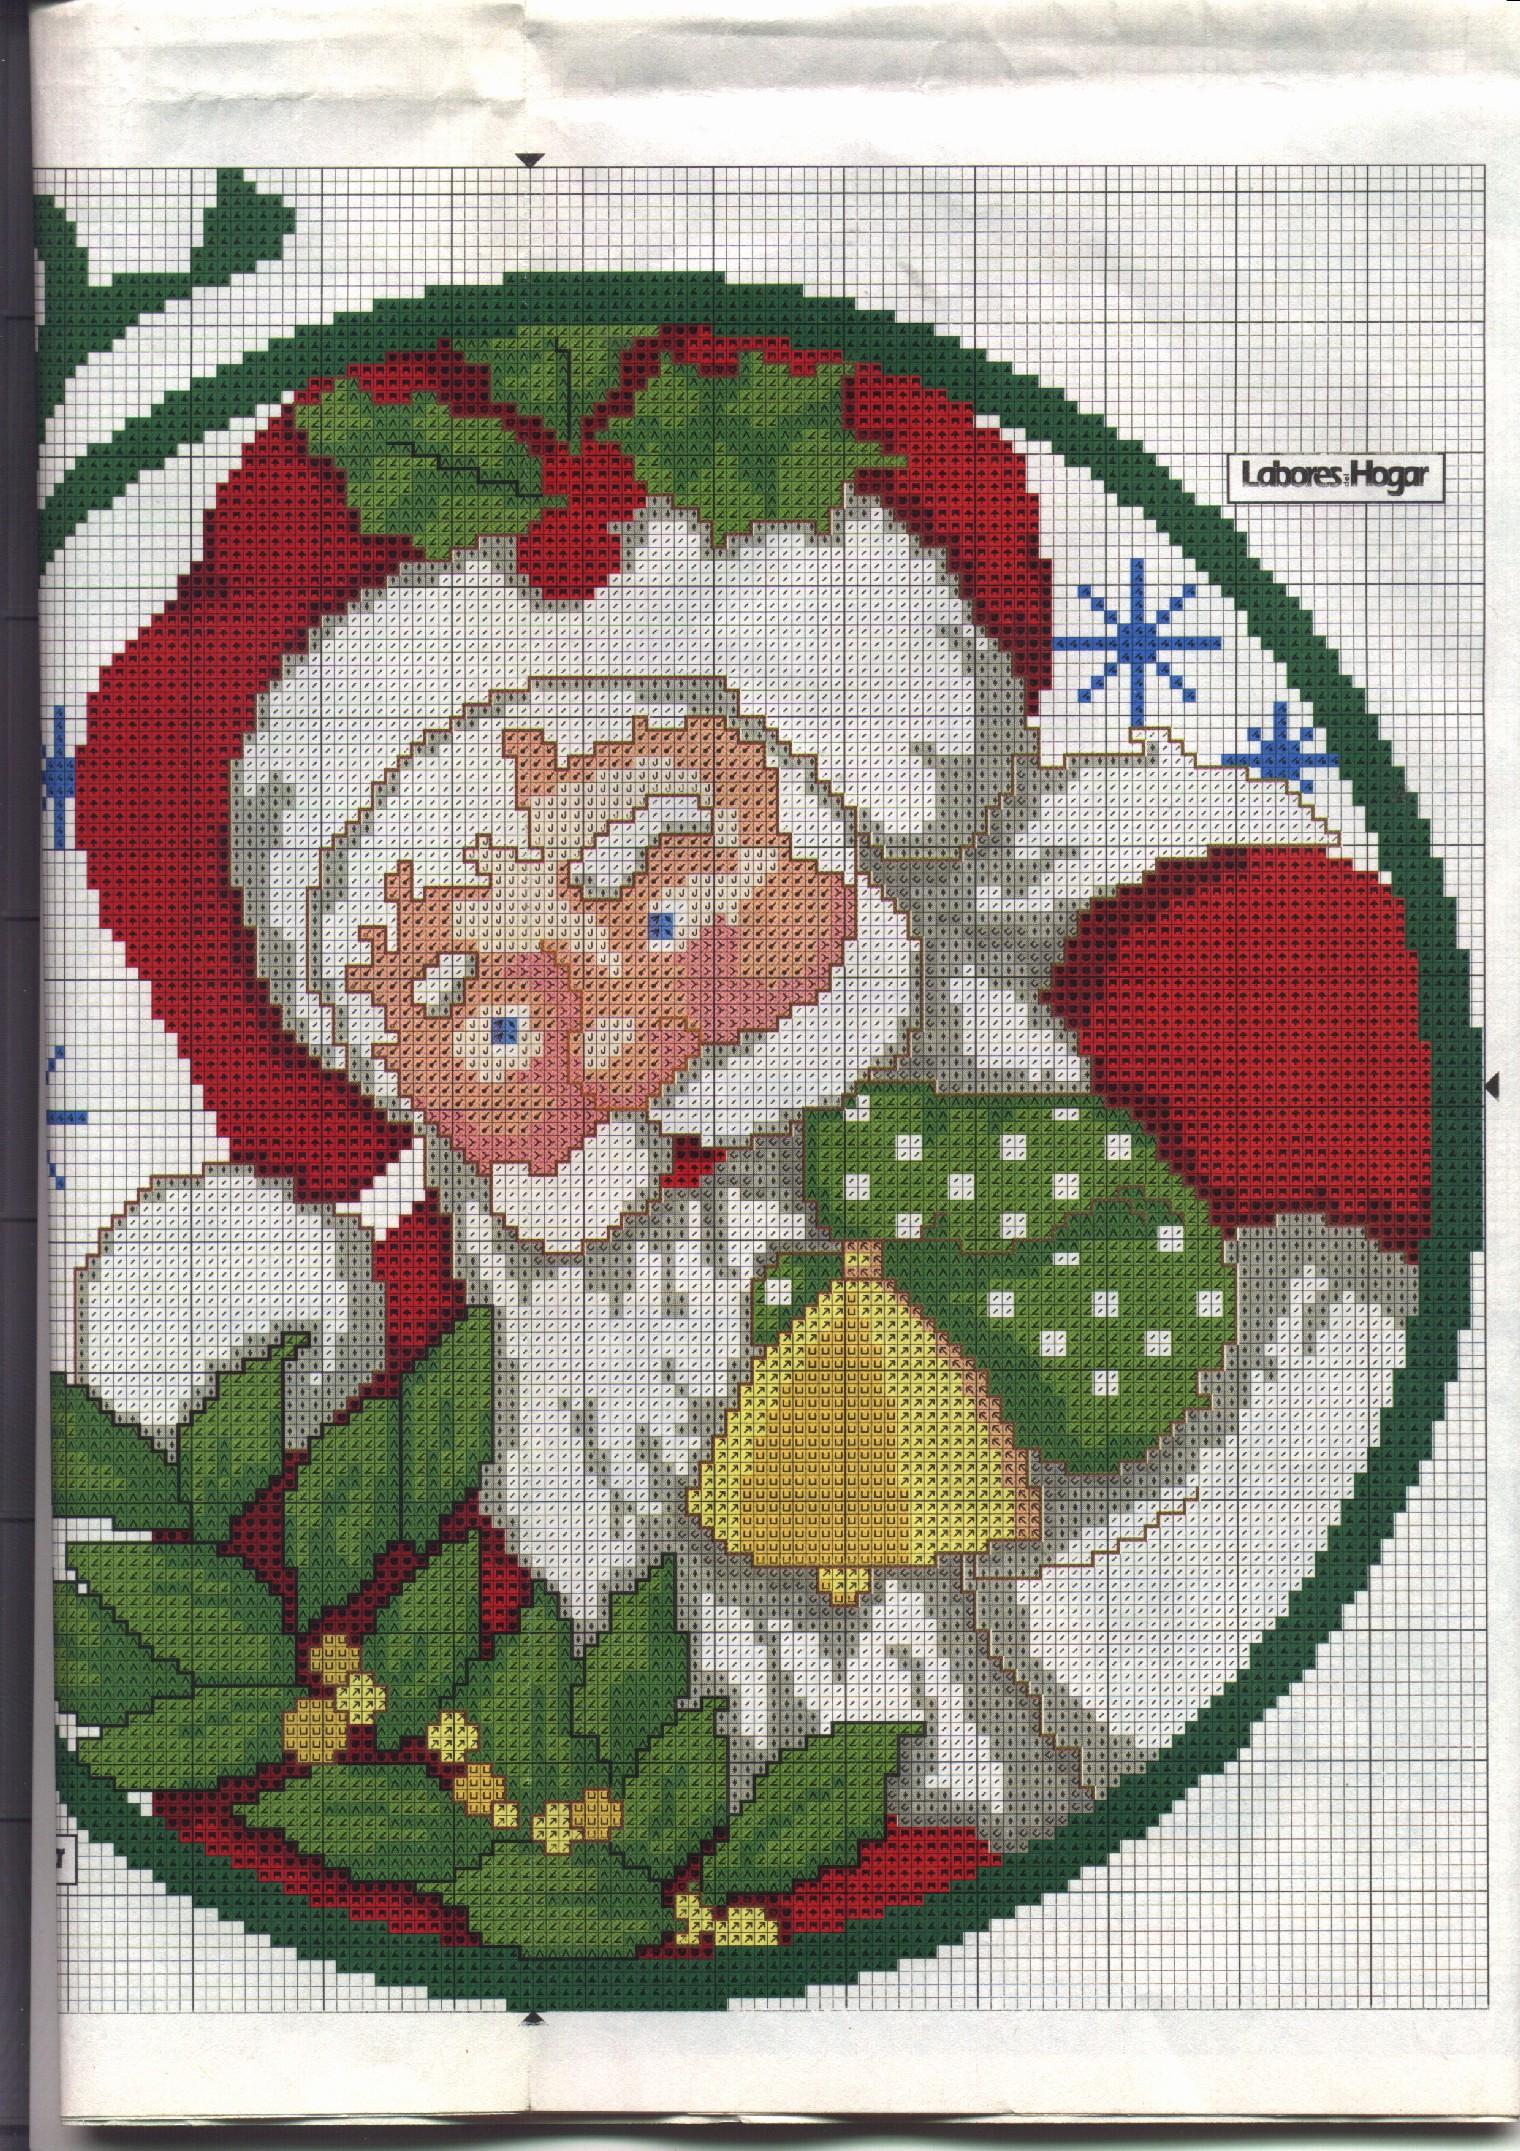 Babbo Natale Punto Croce Schemi Gratis.Schema Punto Croce Babbo Natale 11